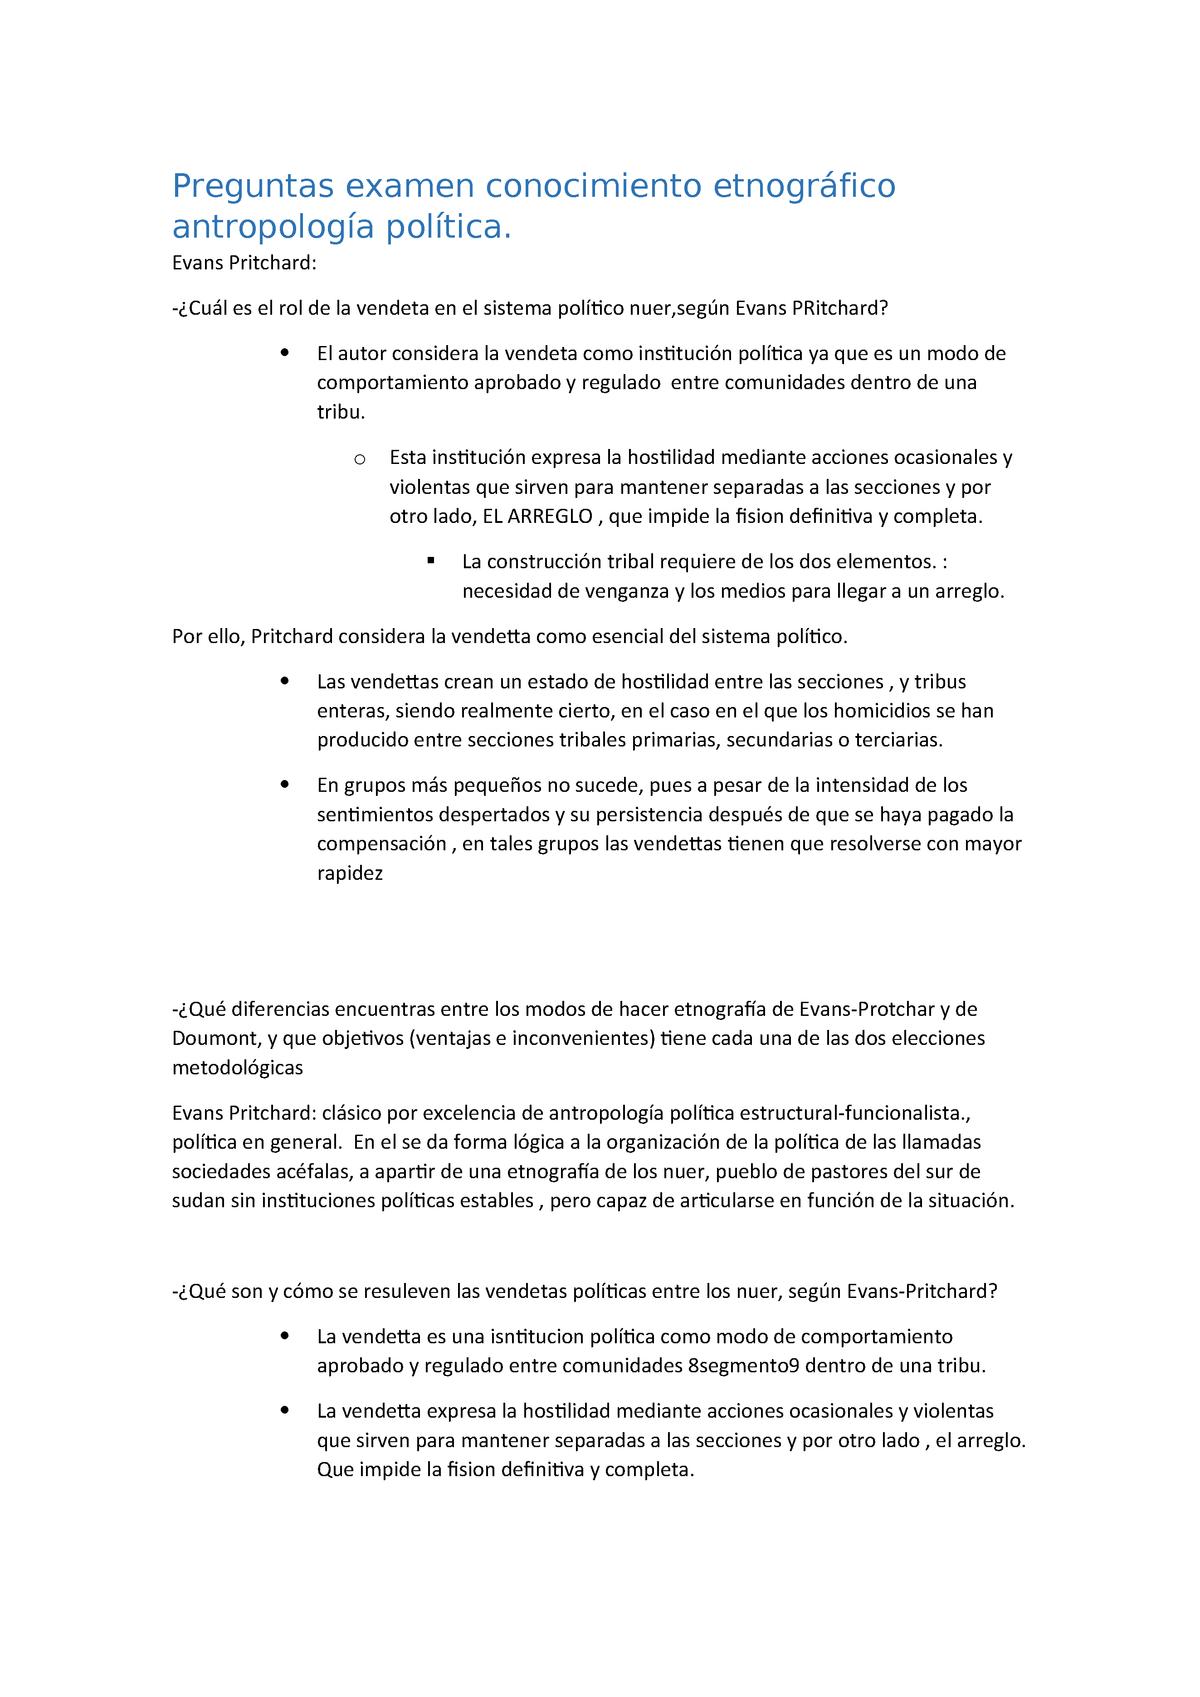 Preguntas Examen Conocimiento Etnográfico Antropología